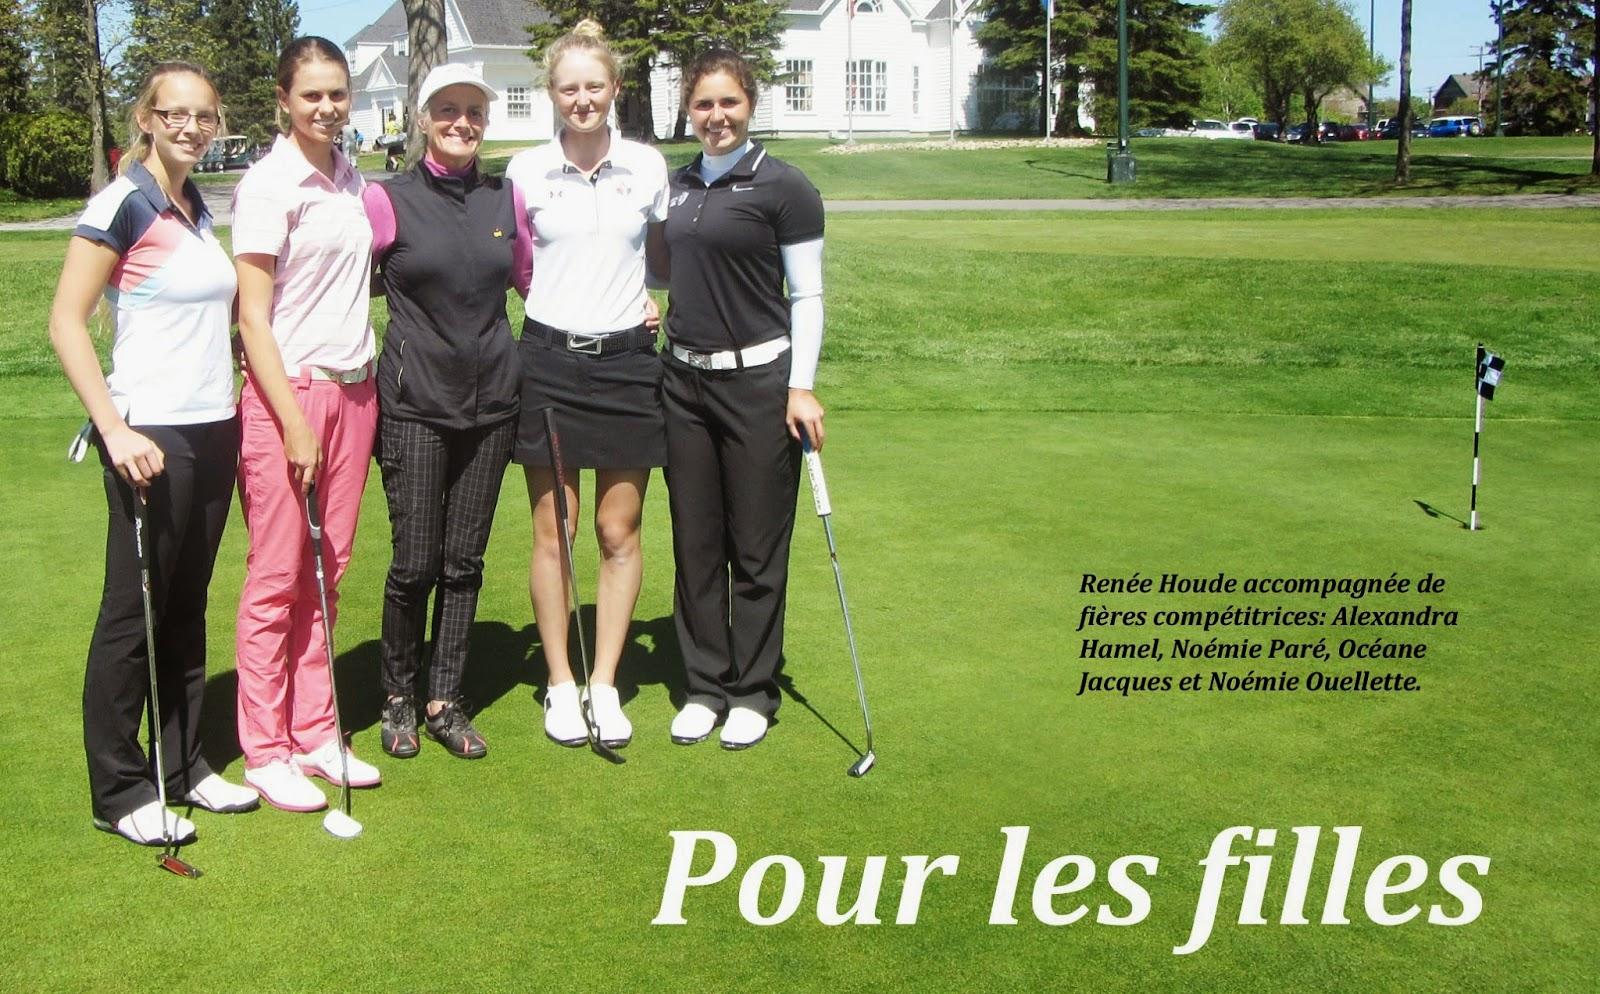 Renée Houde, le golf pour les filles